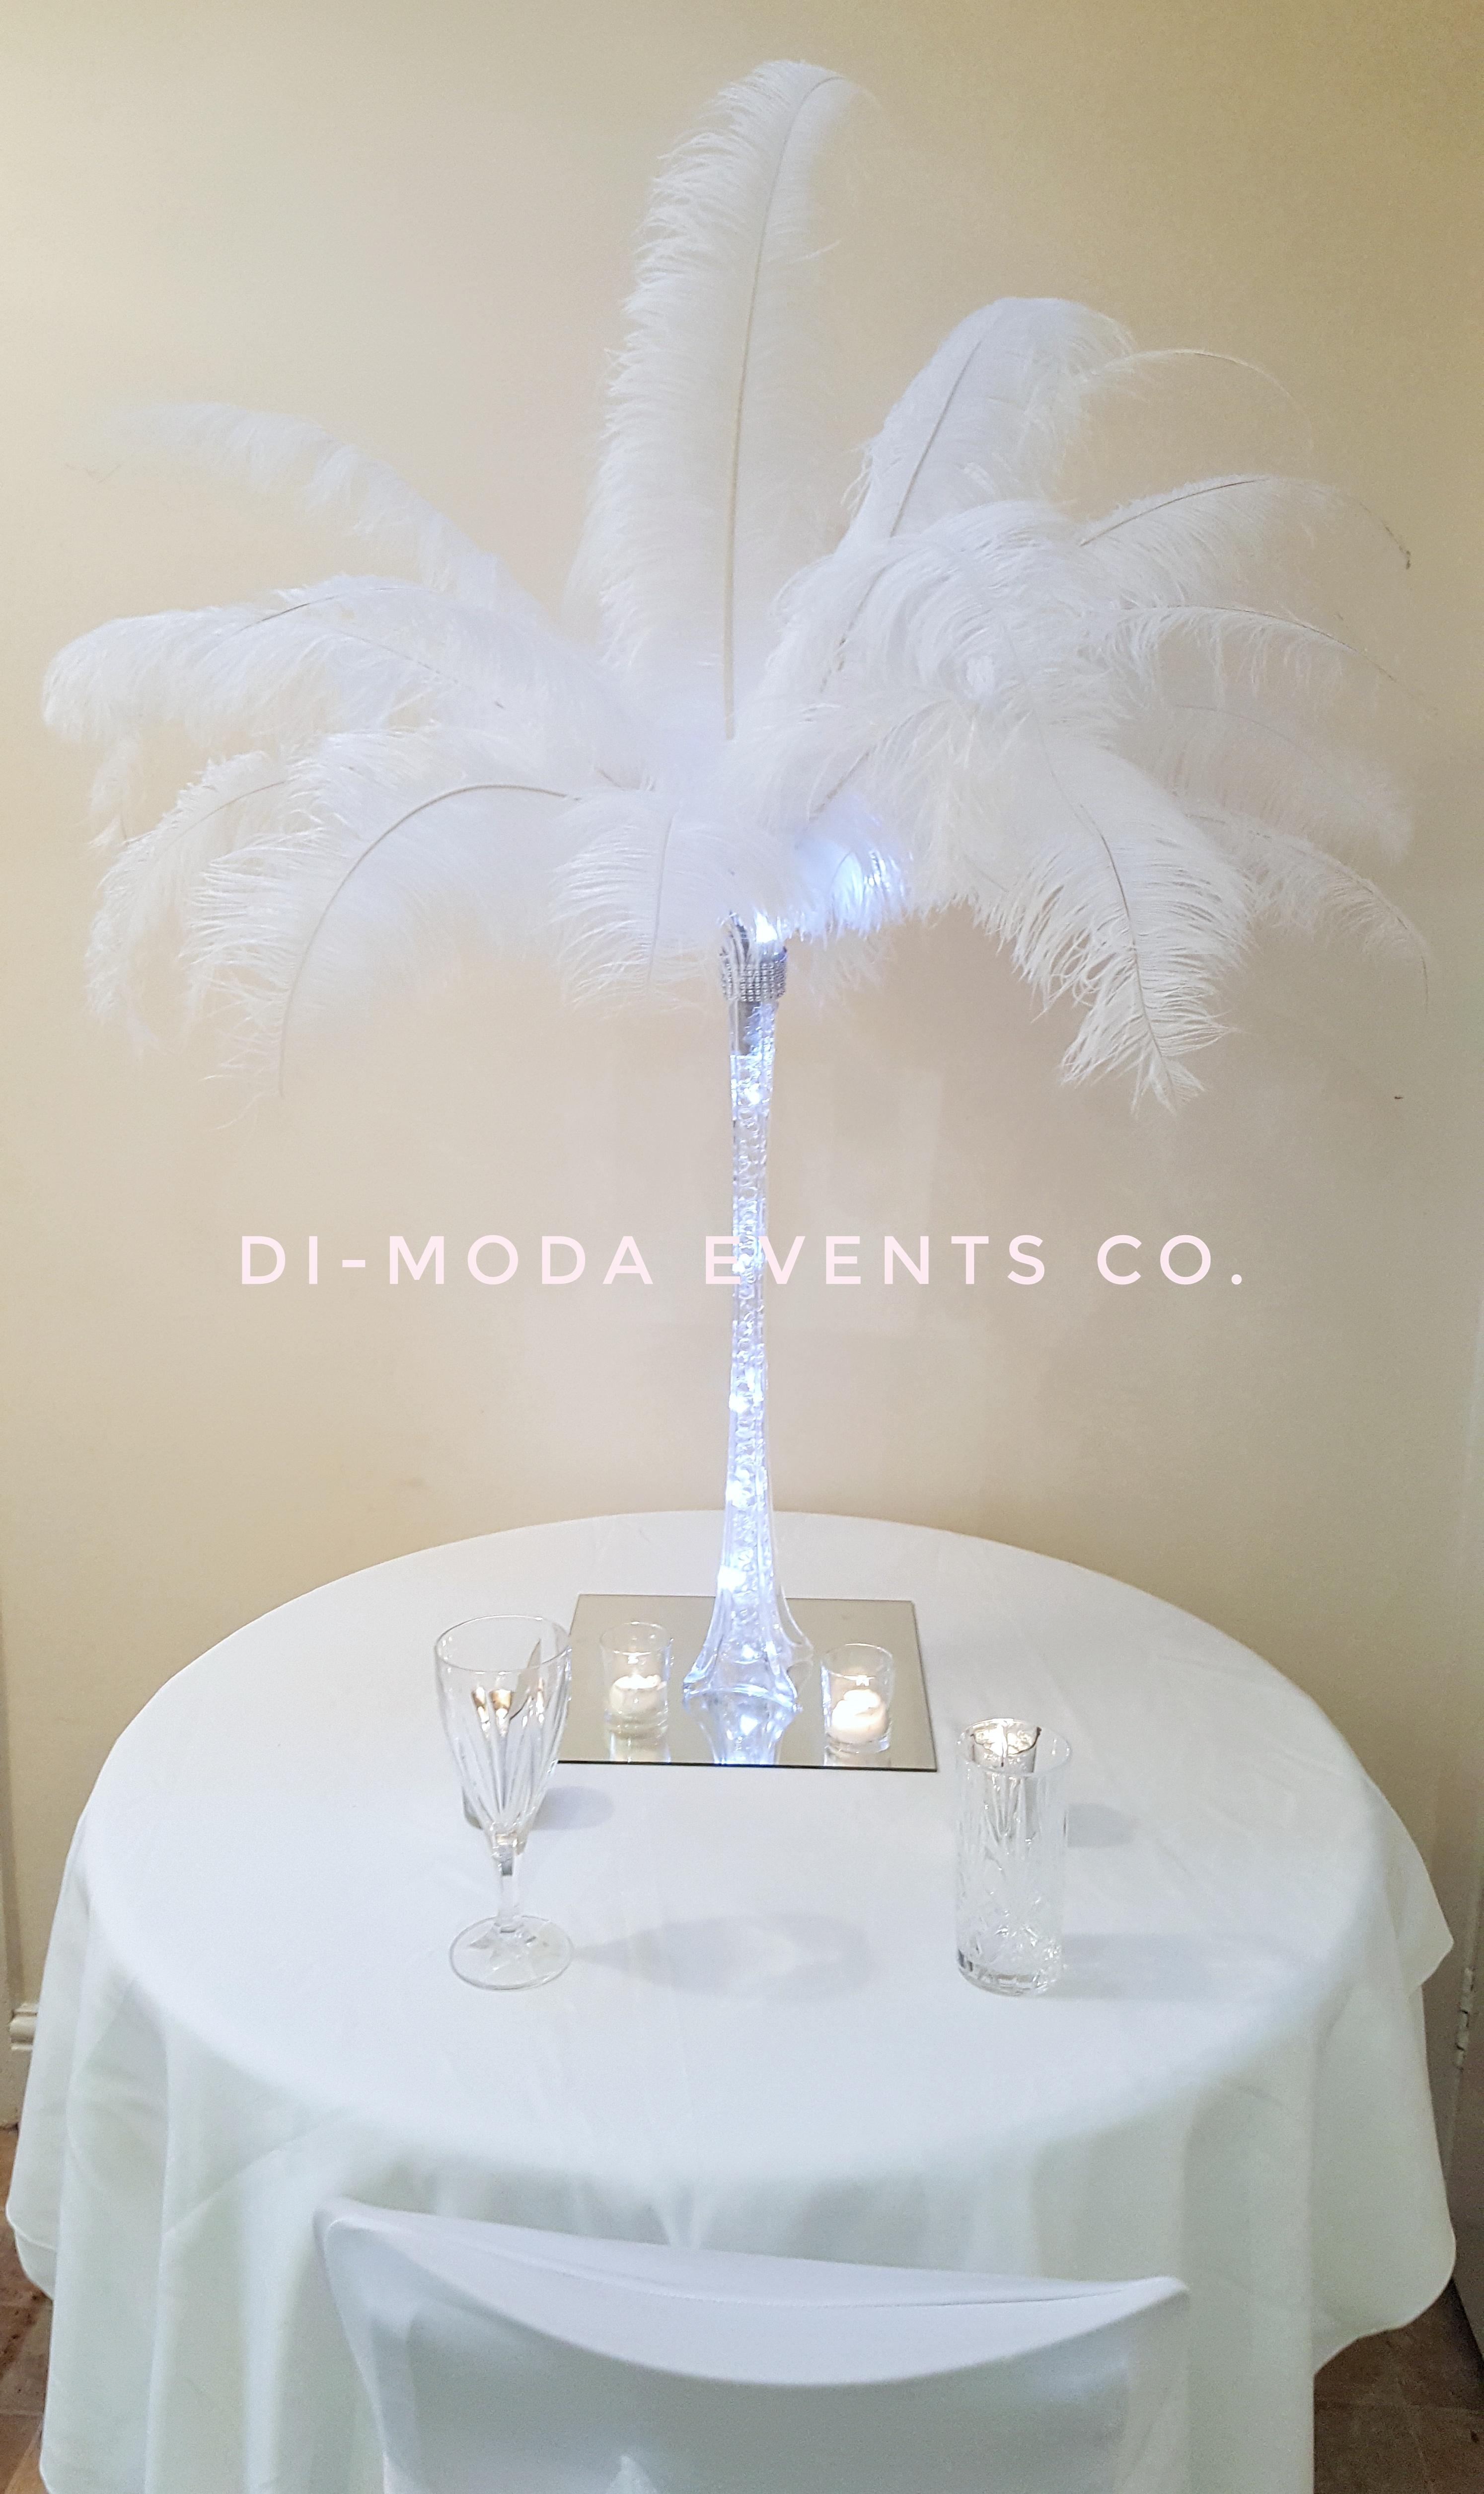 Premium Di-Moda Feather